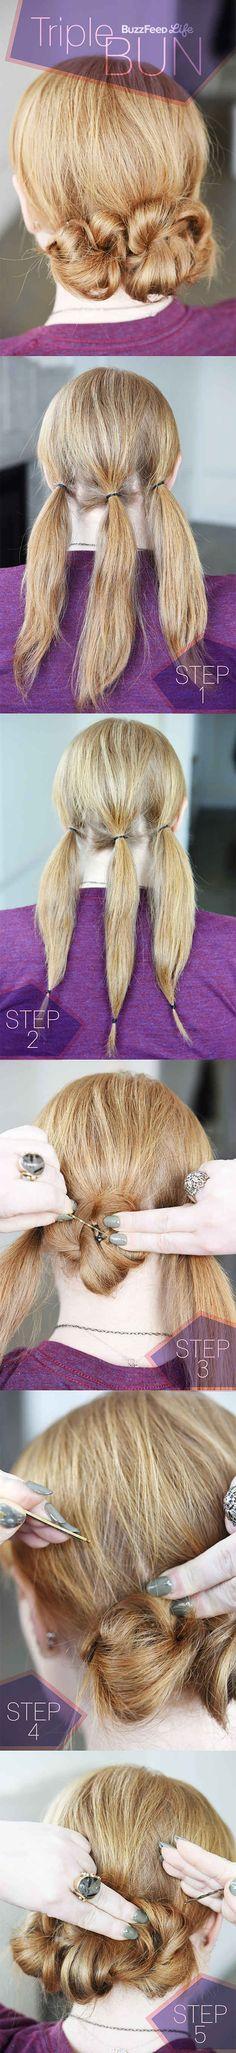 Sujeta tu pelo para formar tres pequeños rodetes.